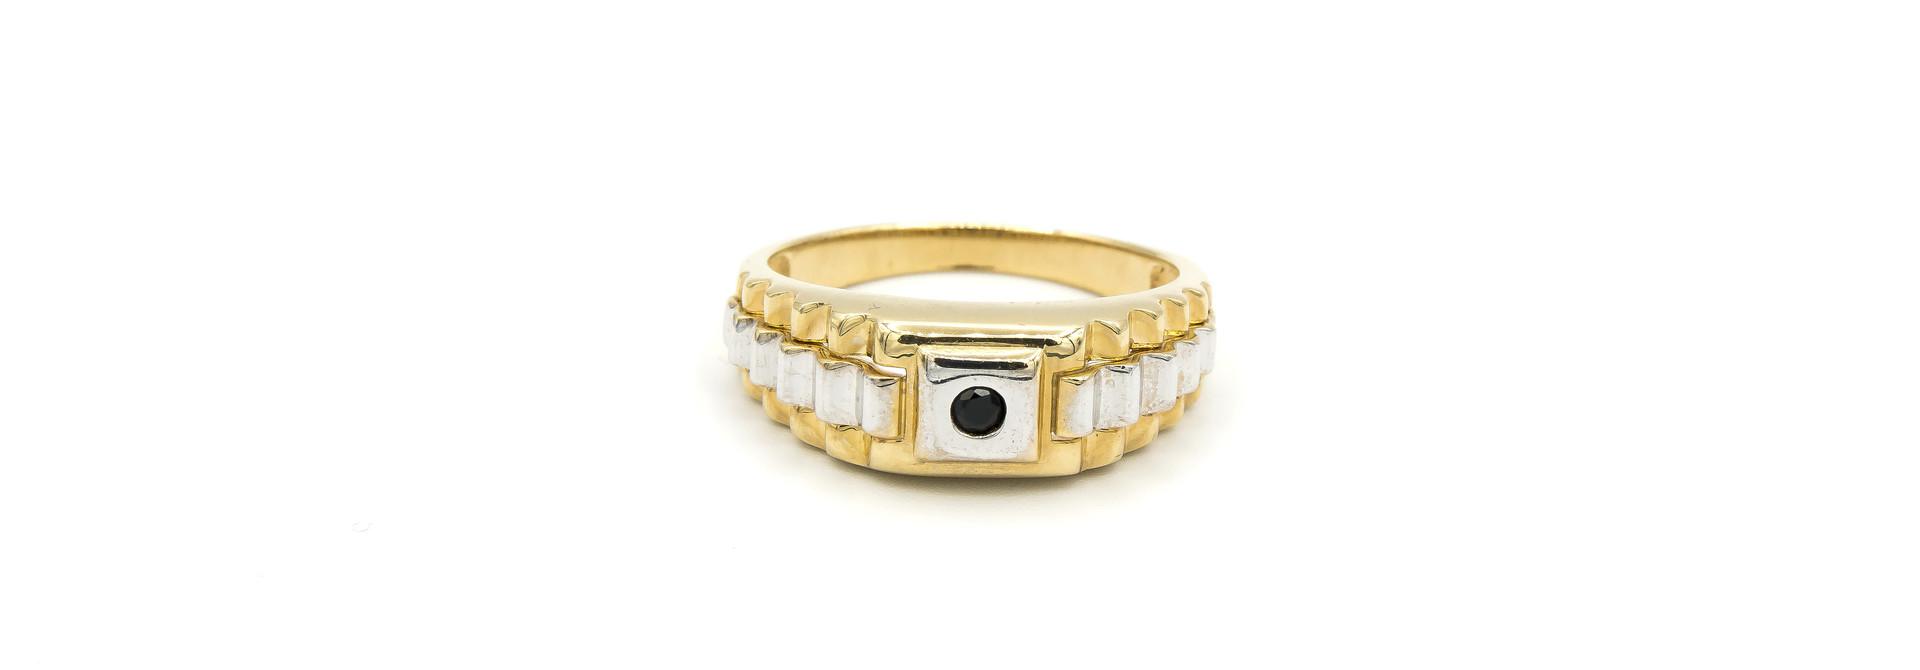 Ring zegel  wit- en geelgoud met zwarte punt